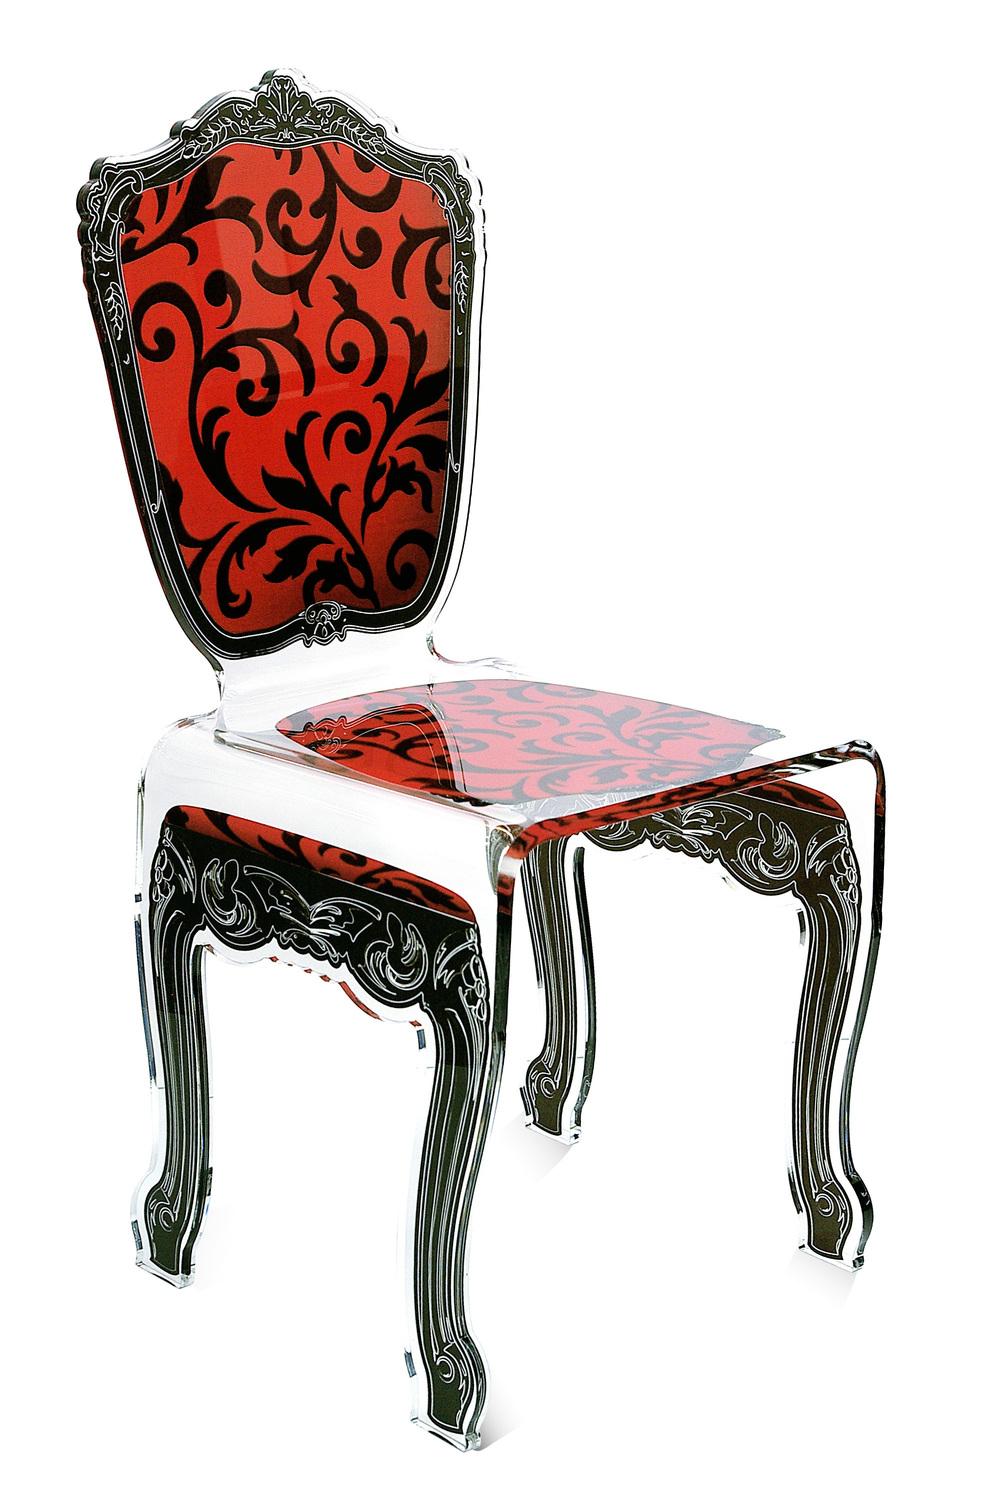 CH baroque nouveau motif.jpg